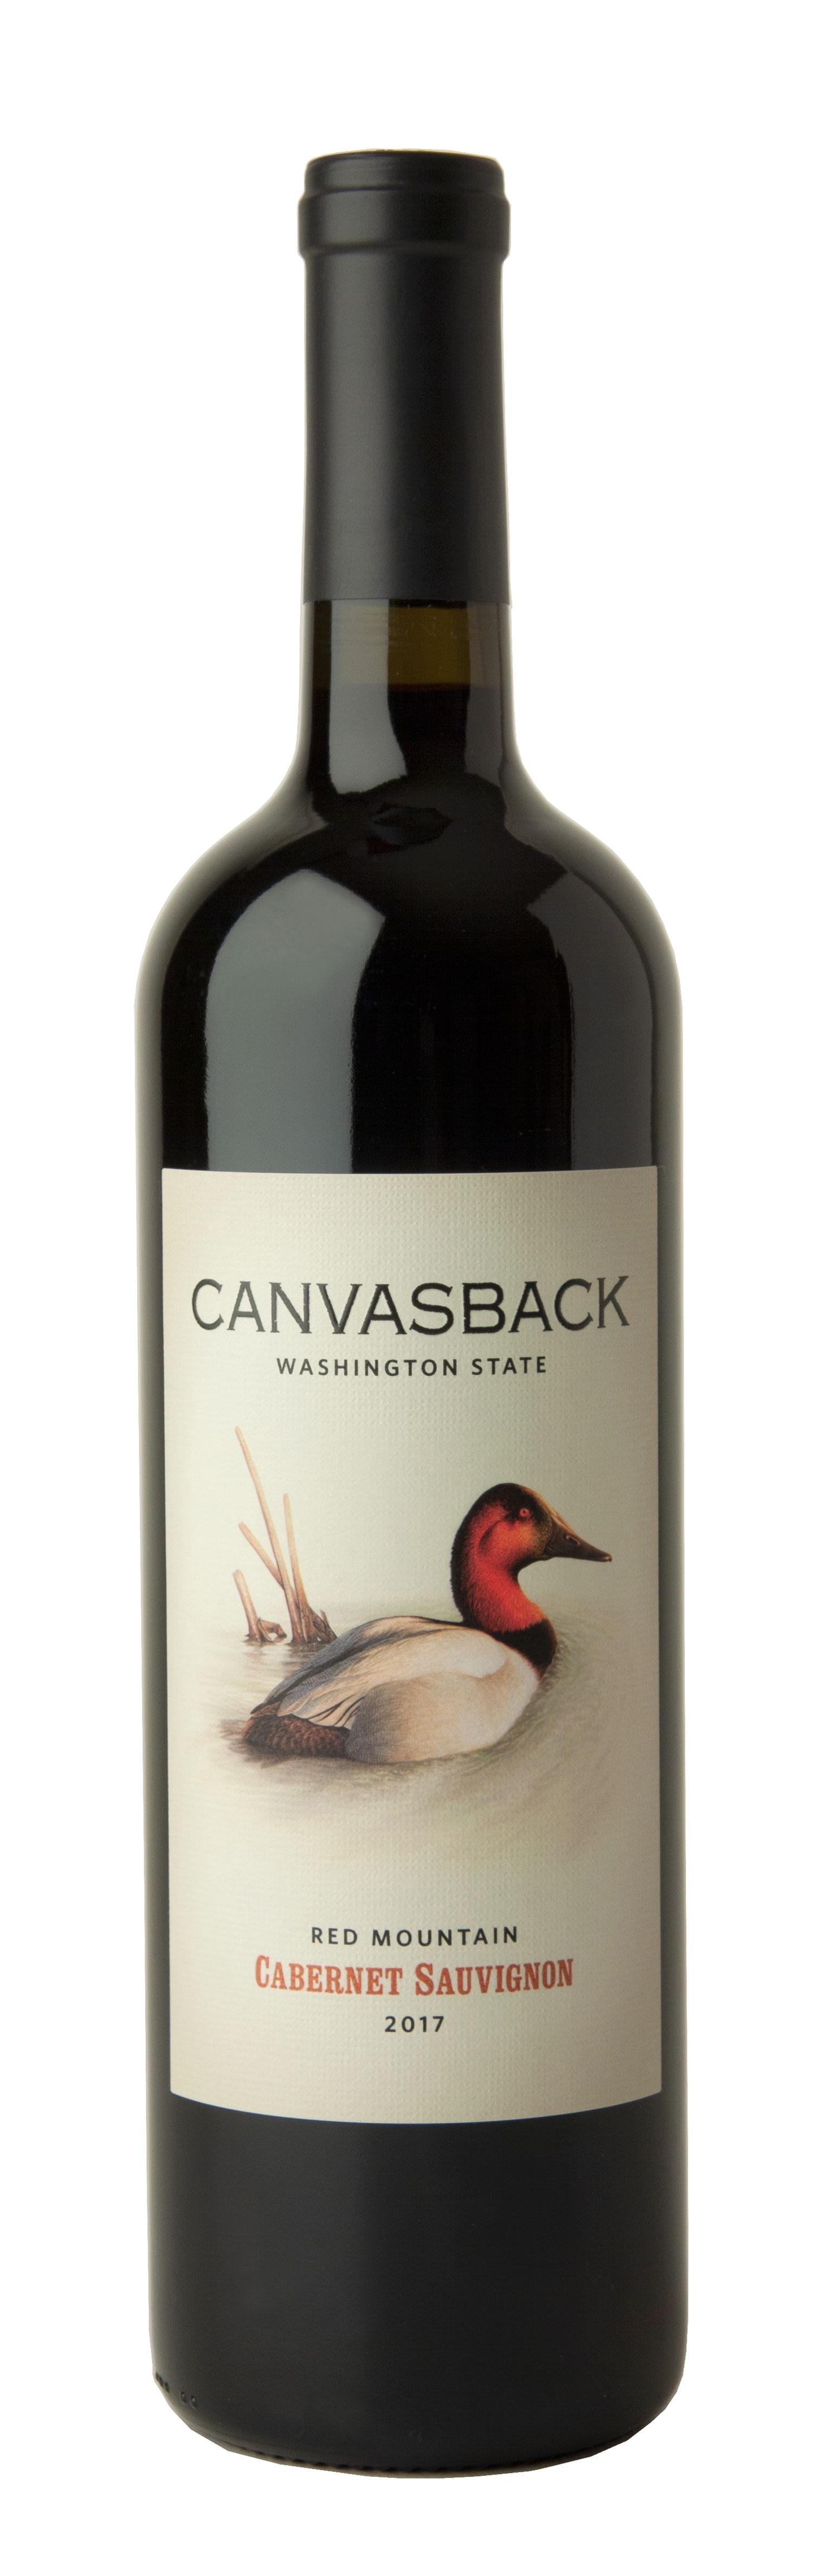 Canvasback Red Mountain Cabernet sauvignon